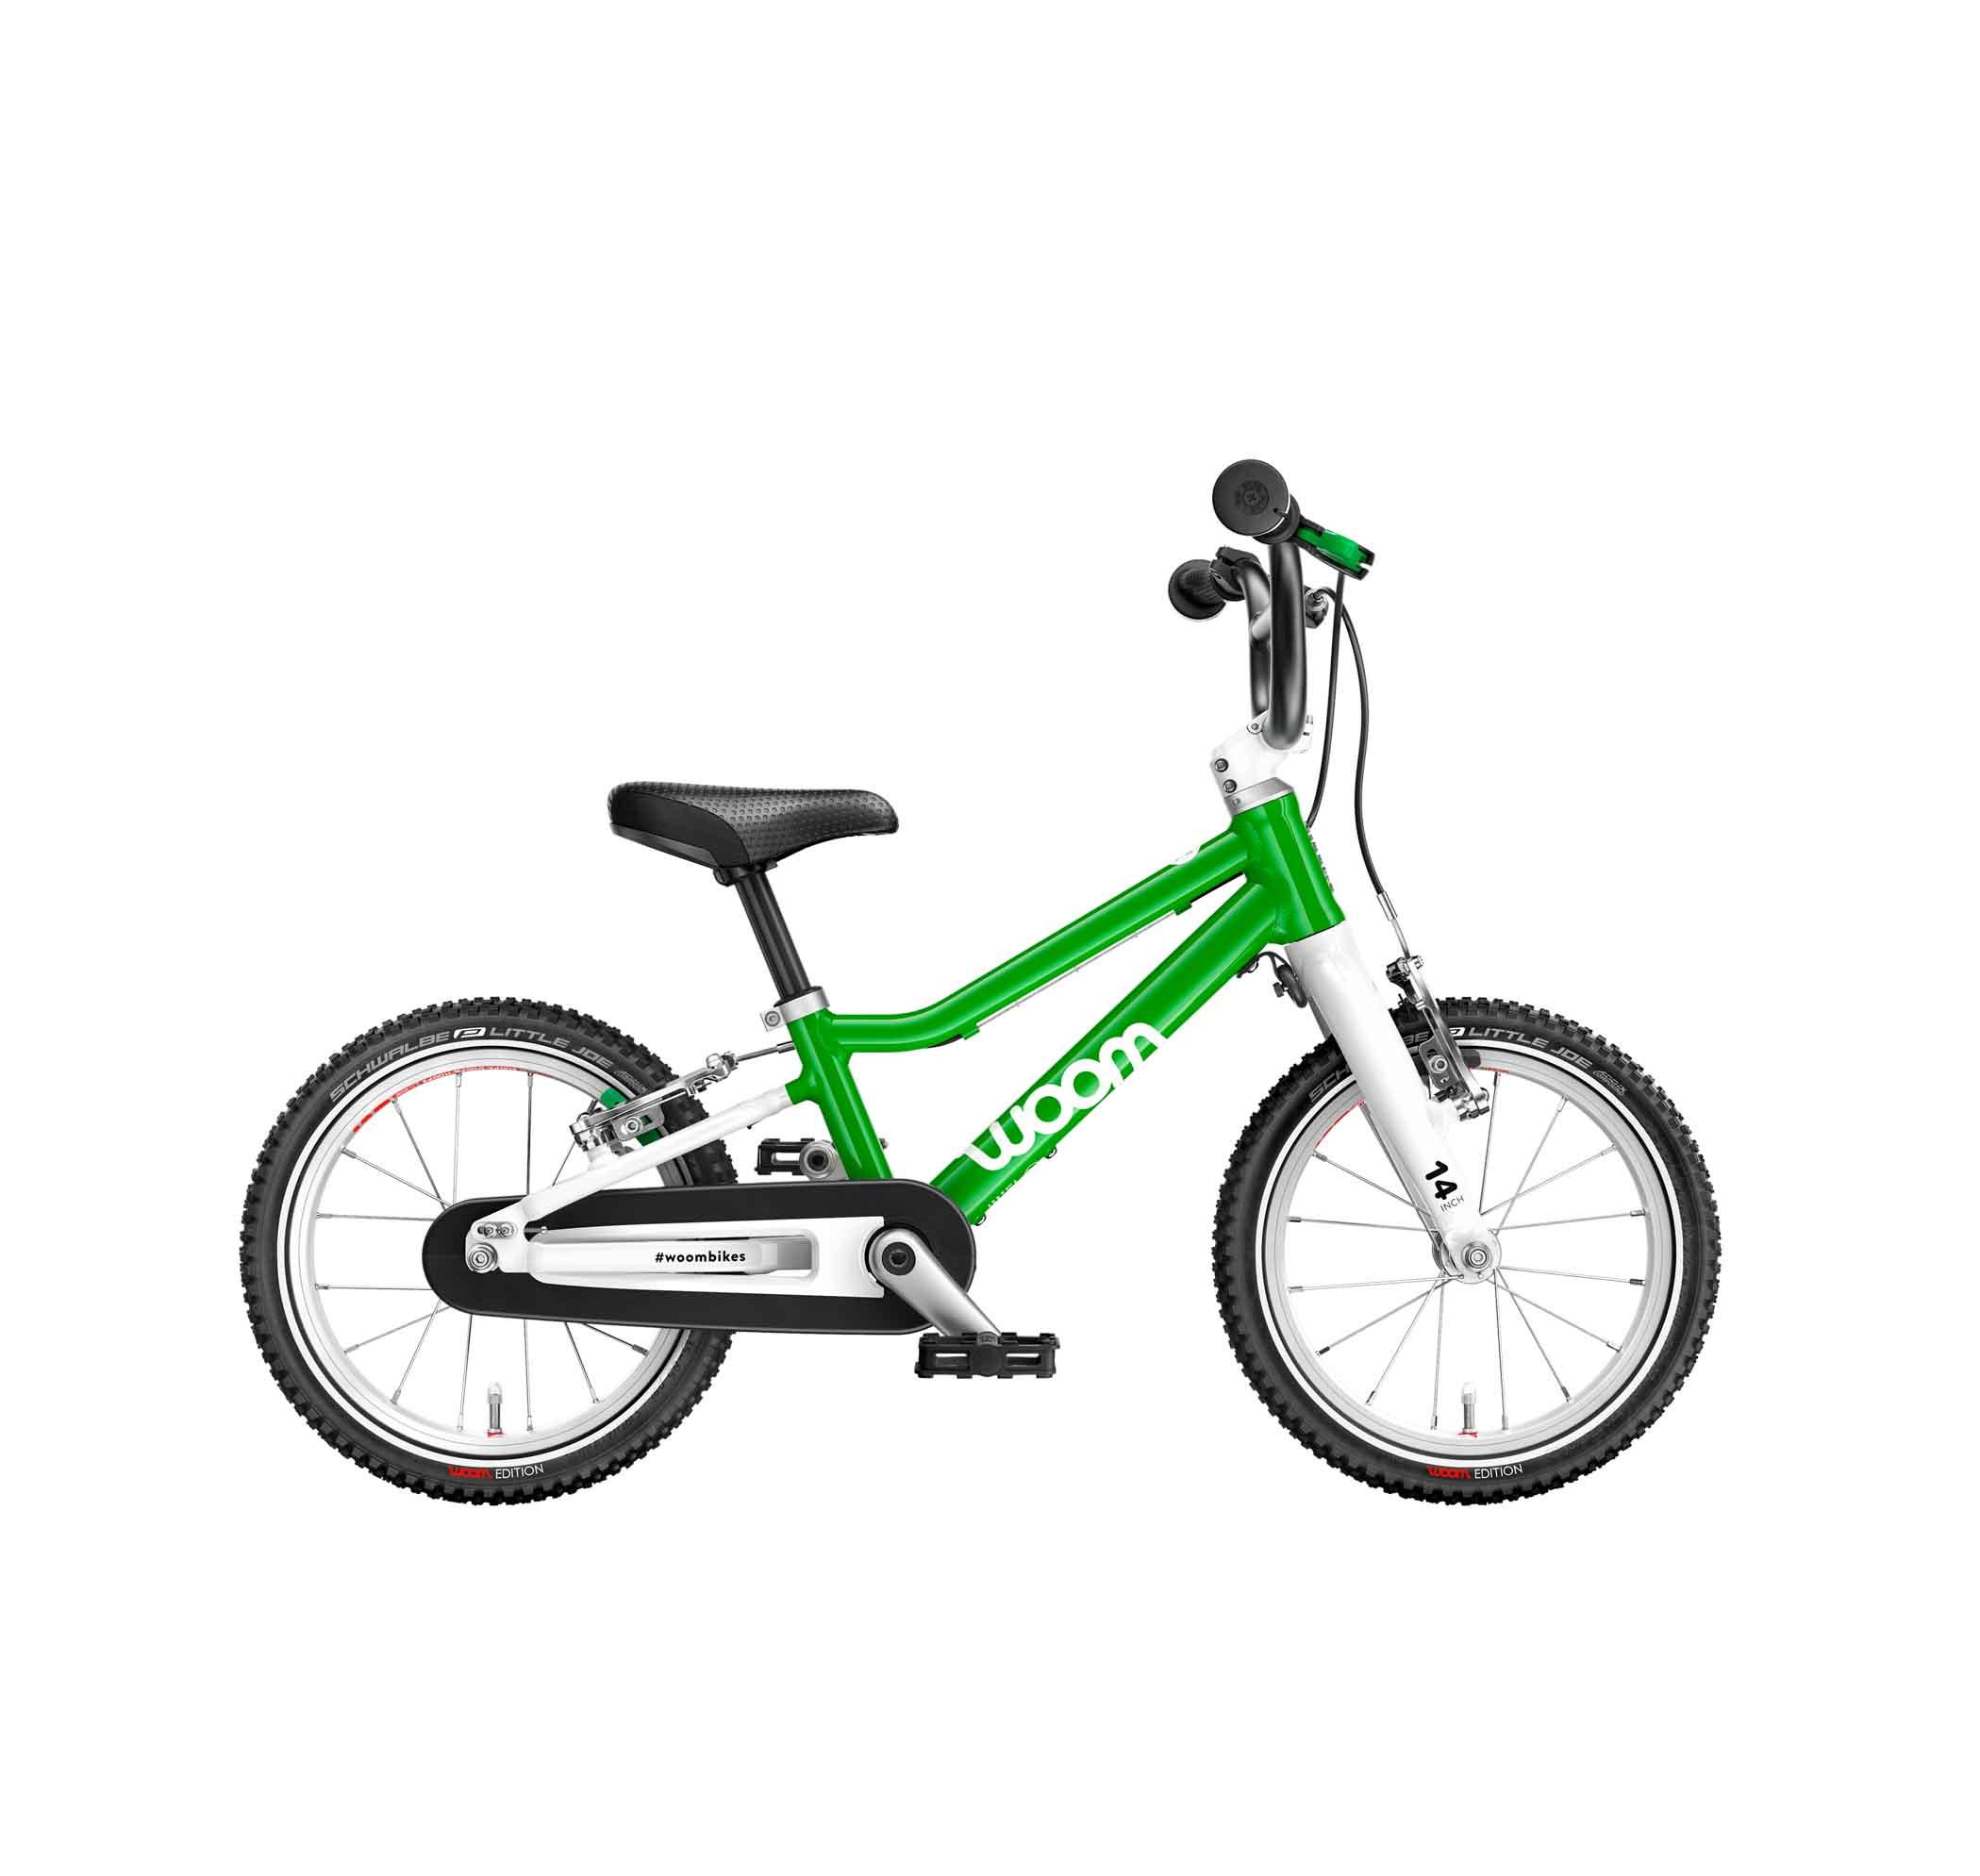 Woom_Rodeo_Bike_2